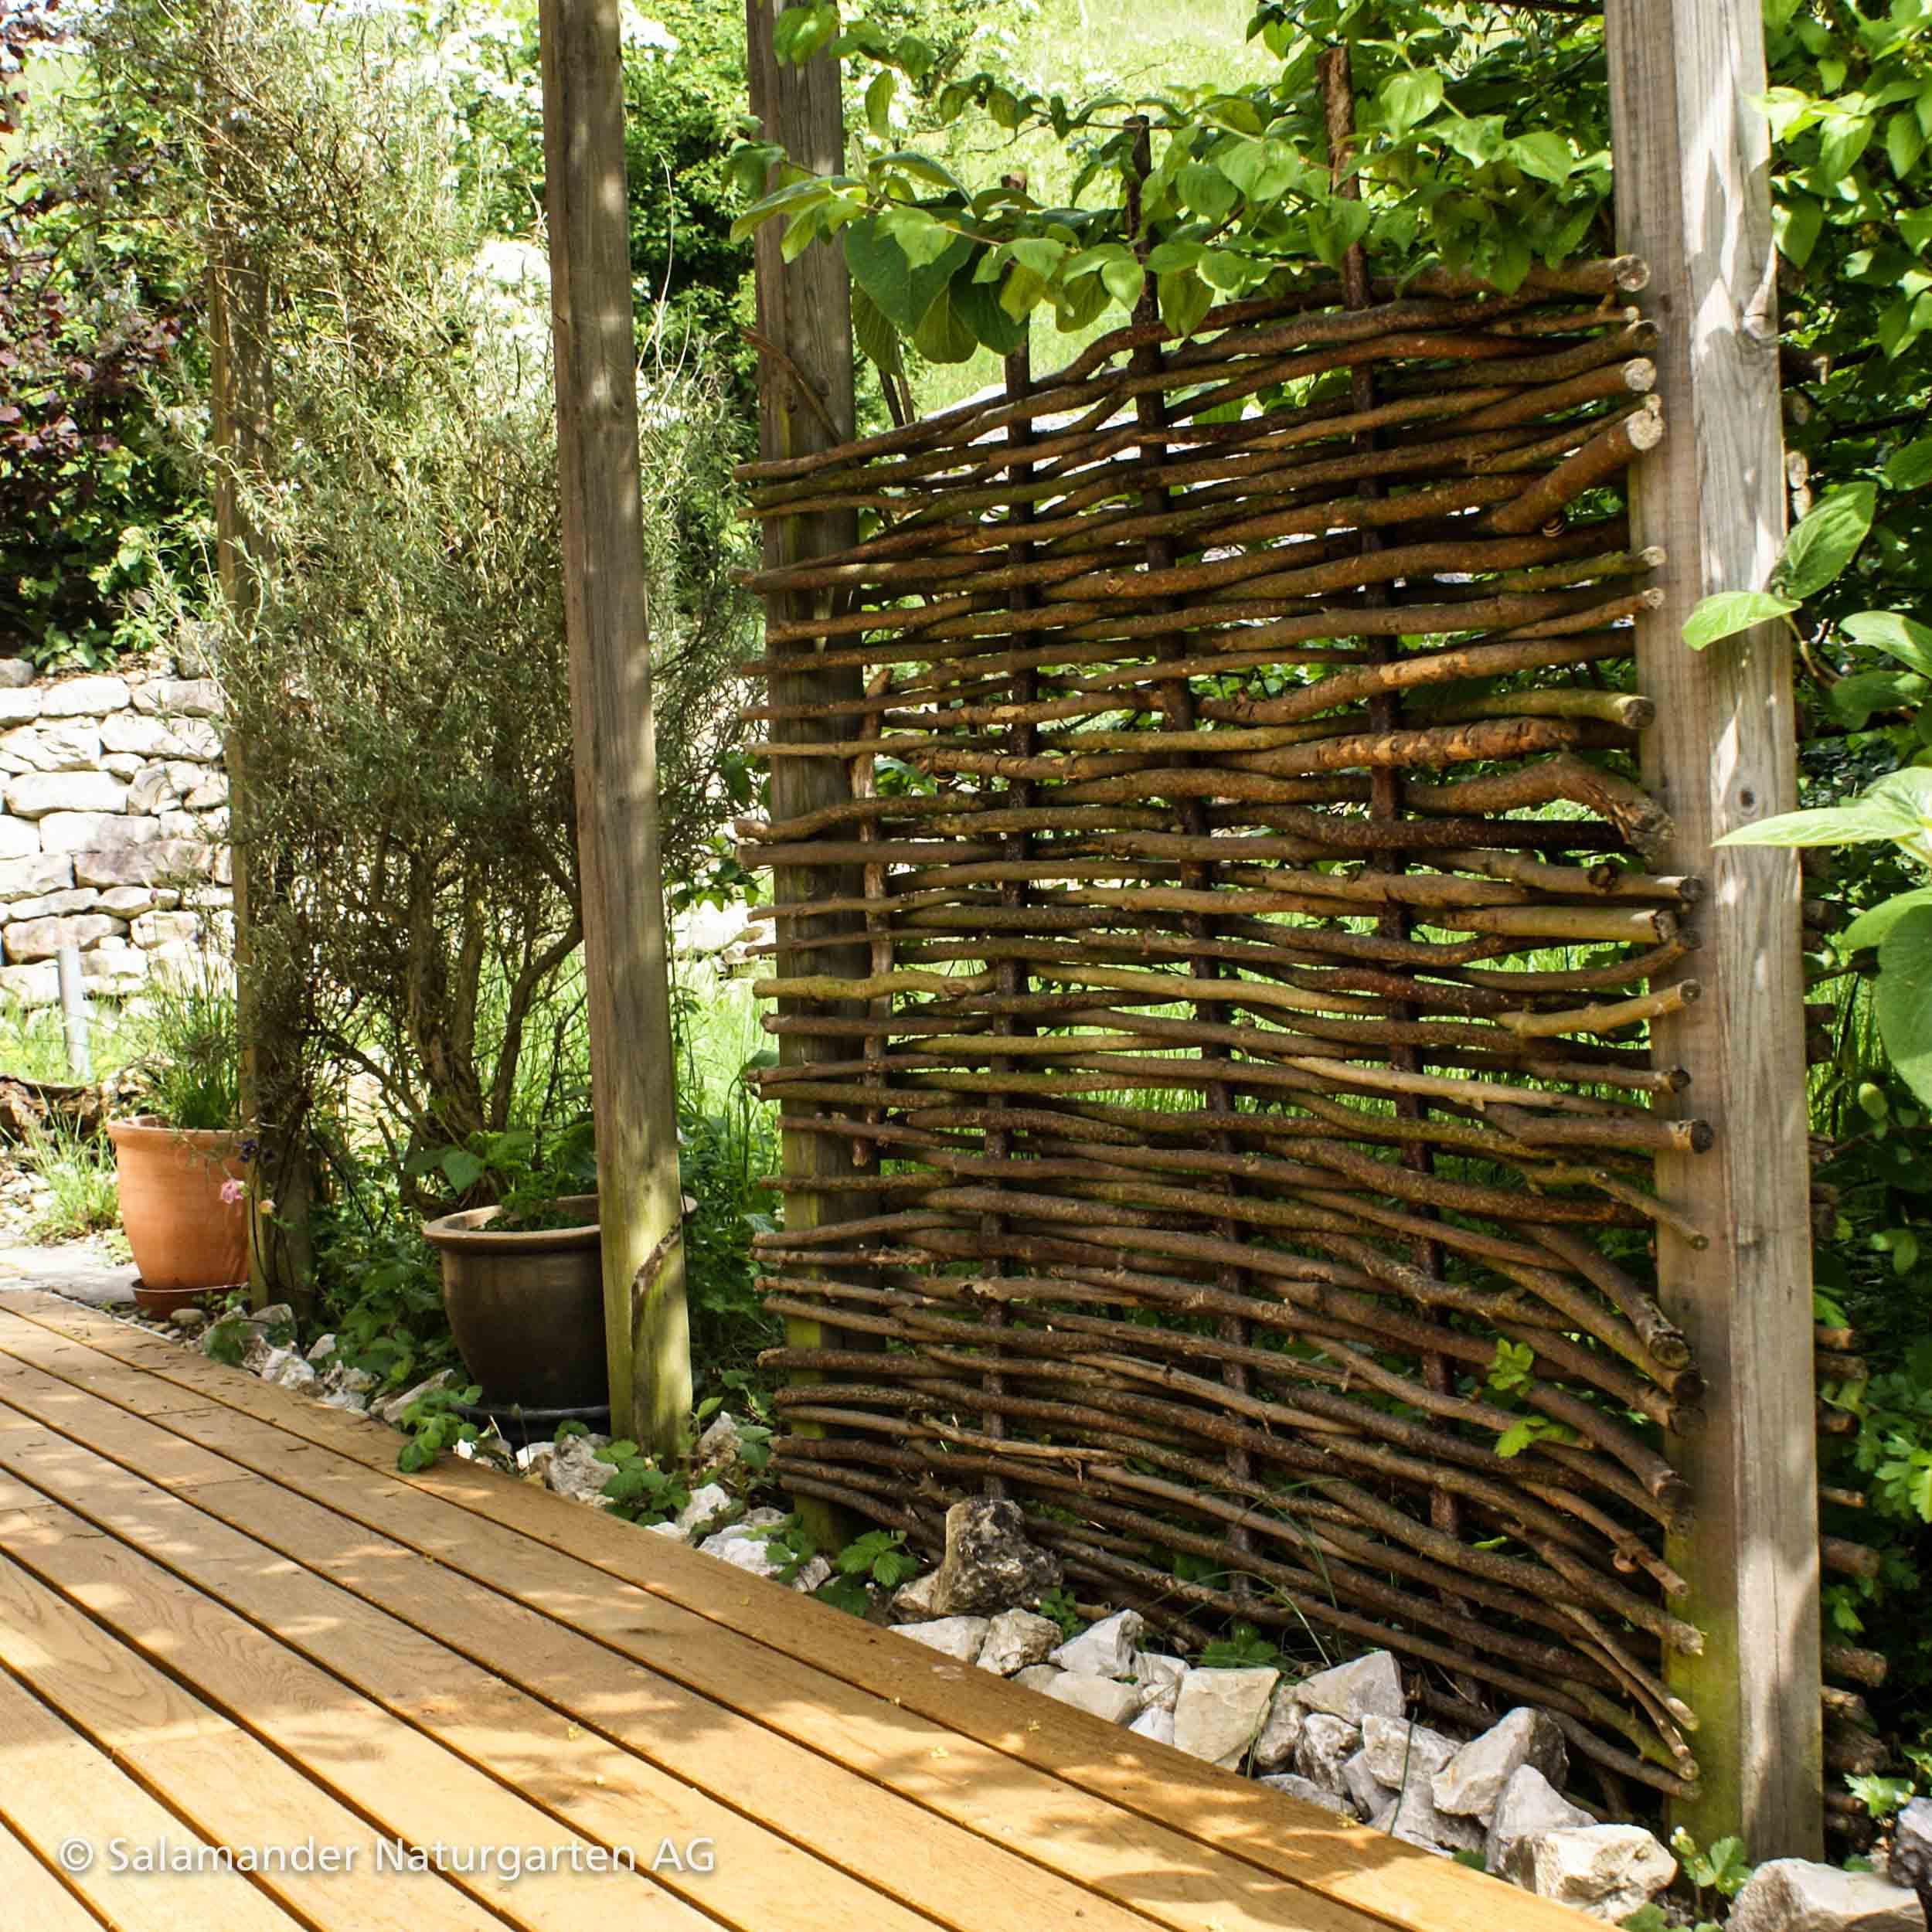 Zaune Und Sichtschutzelemente Im Garten Salamander Naturgarten Ag